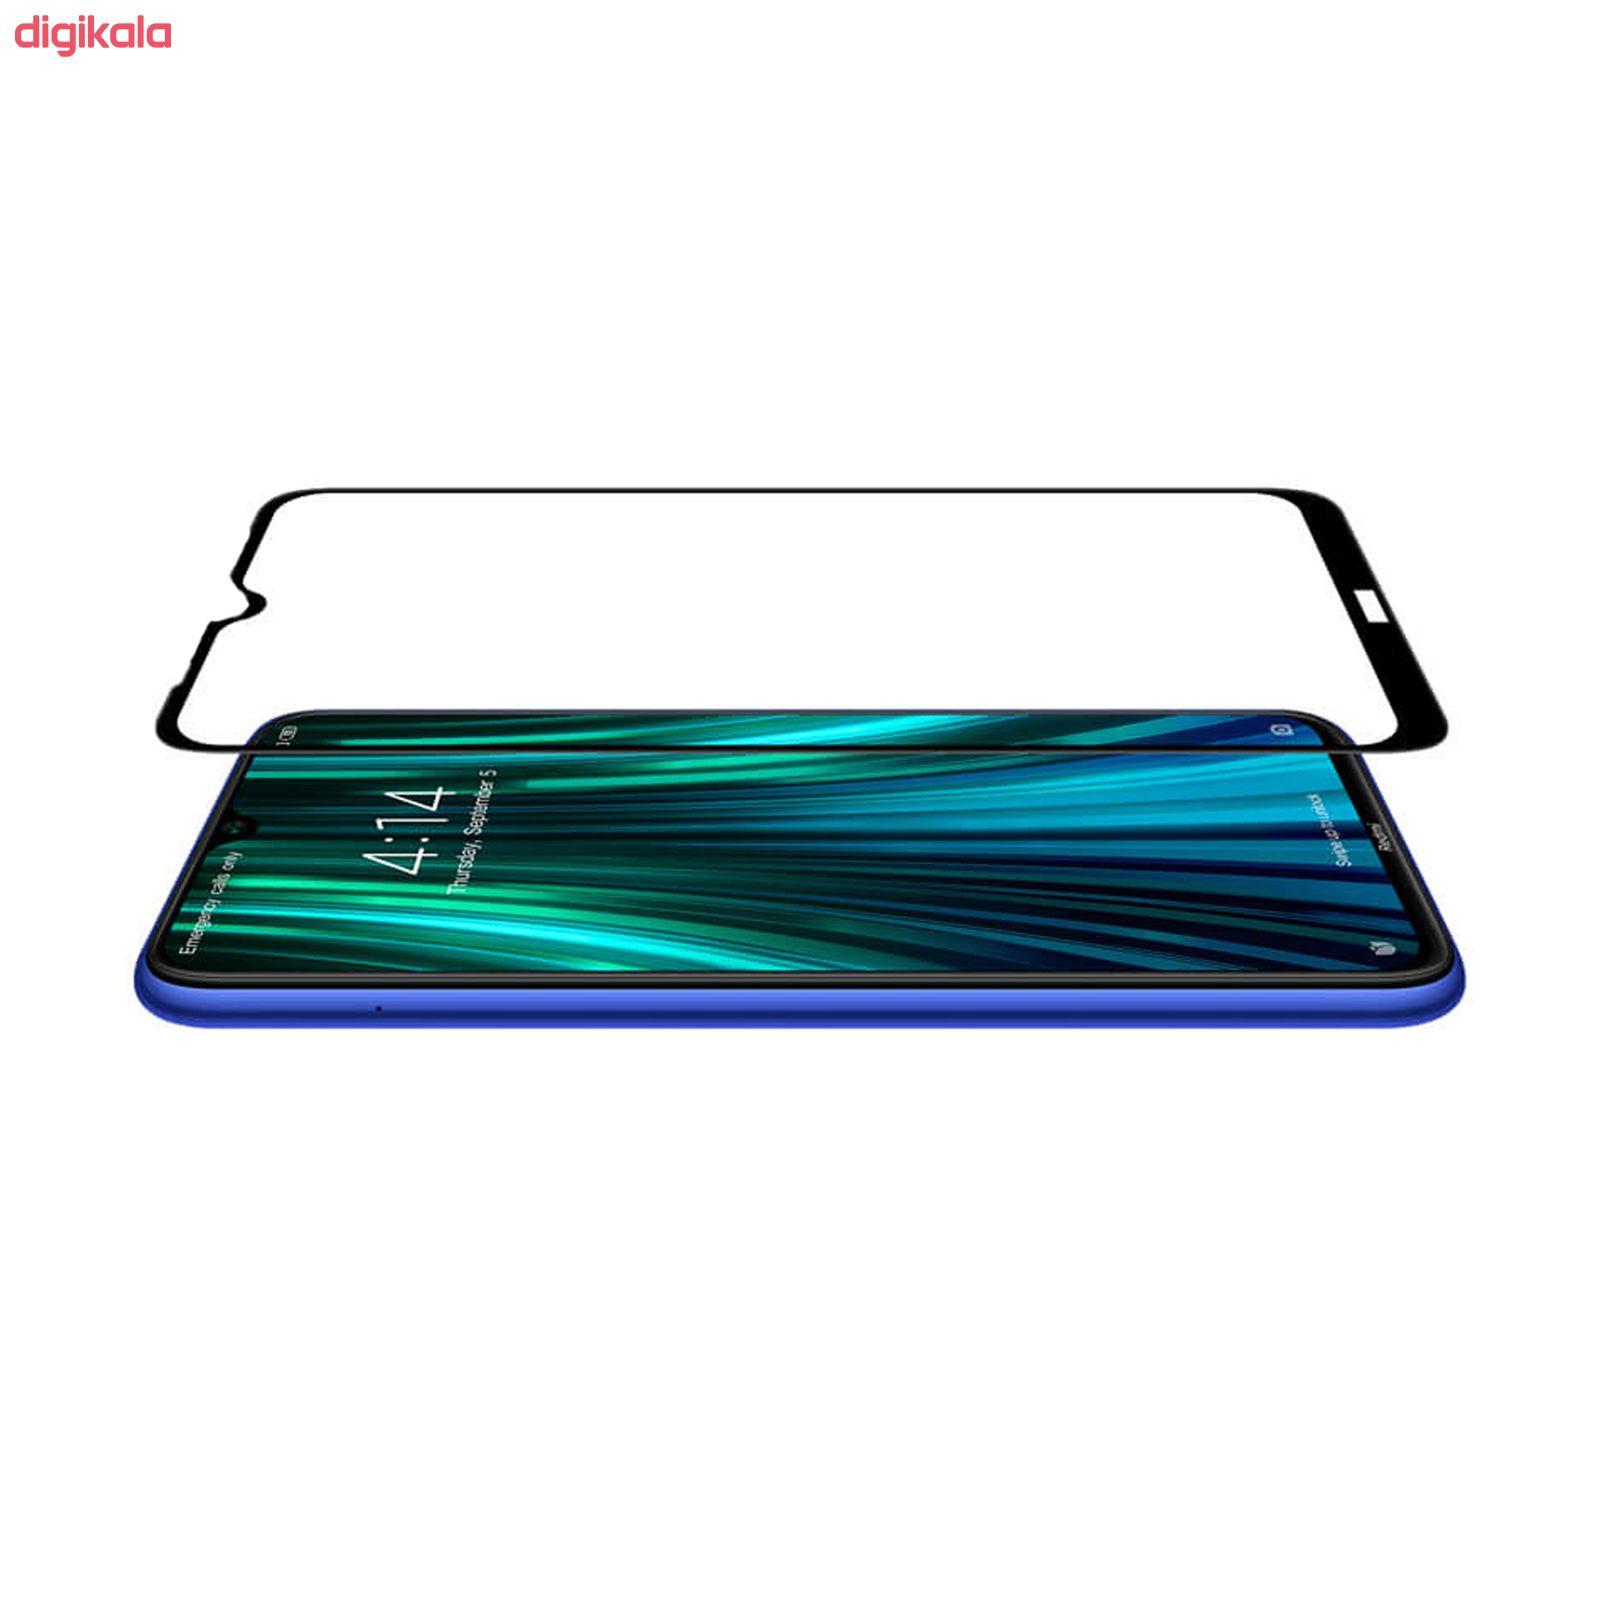 محافظ صفحه نمایش سیحان مدل FG مناسب برای گوشی موبایل شیائومی Redmi Note 8t main 1 2